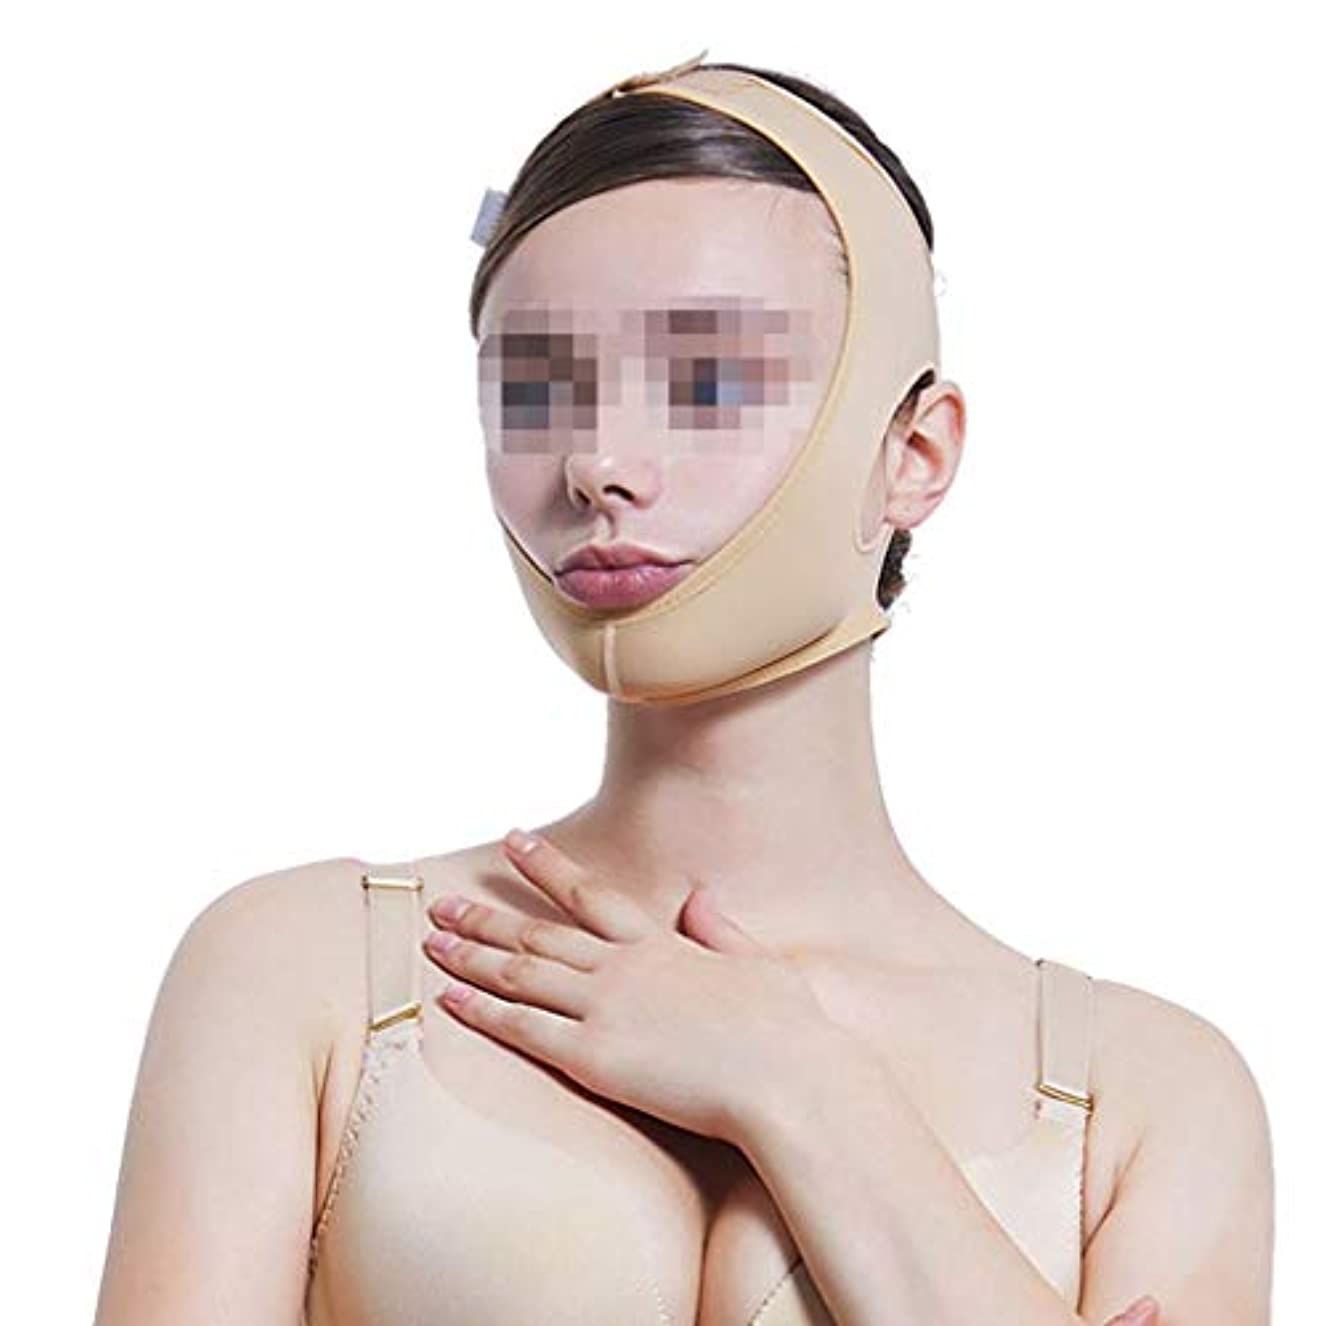 時計預言者説得ビームフェイス弾性ヘッドギア、ダブルあごのあごのセットをマスクの後に線彫り薄いフェイス包帯マルチサイズオプション(サイズ:XS),L